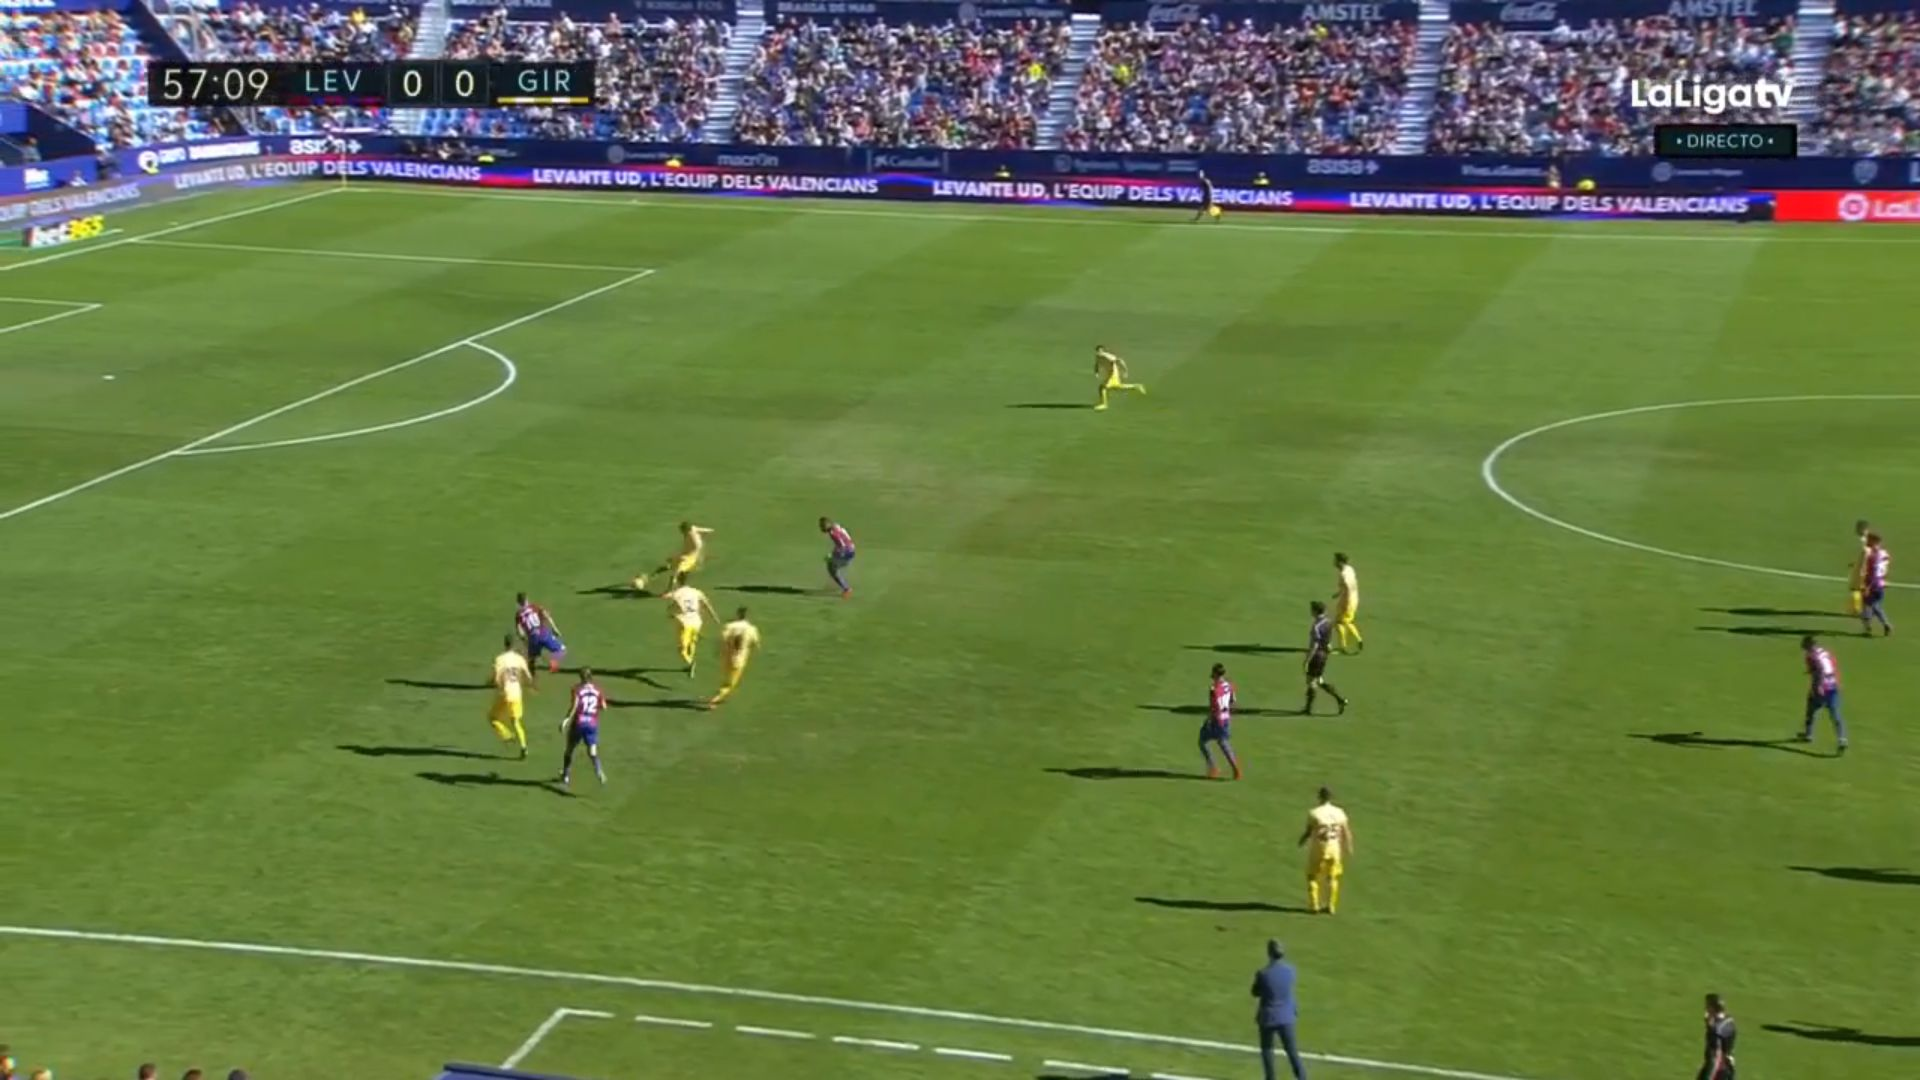 05-11-2017 - Levante 1-2 Girona